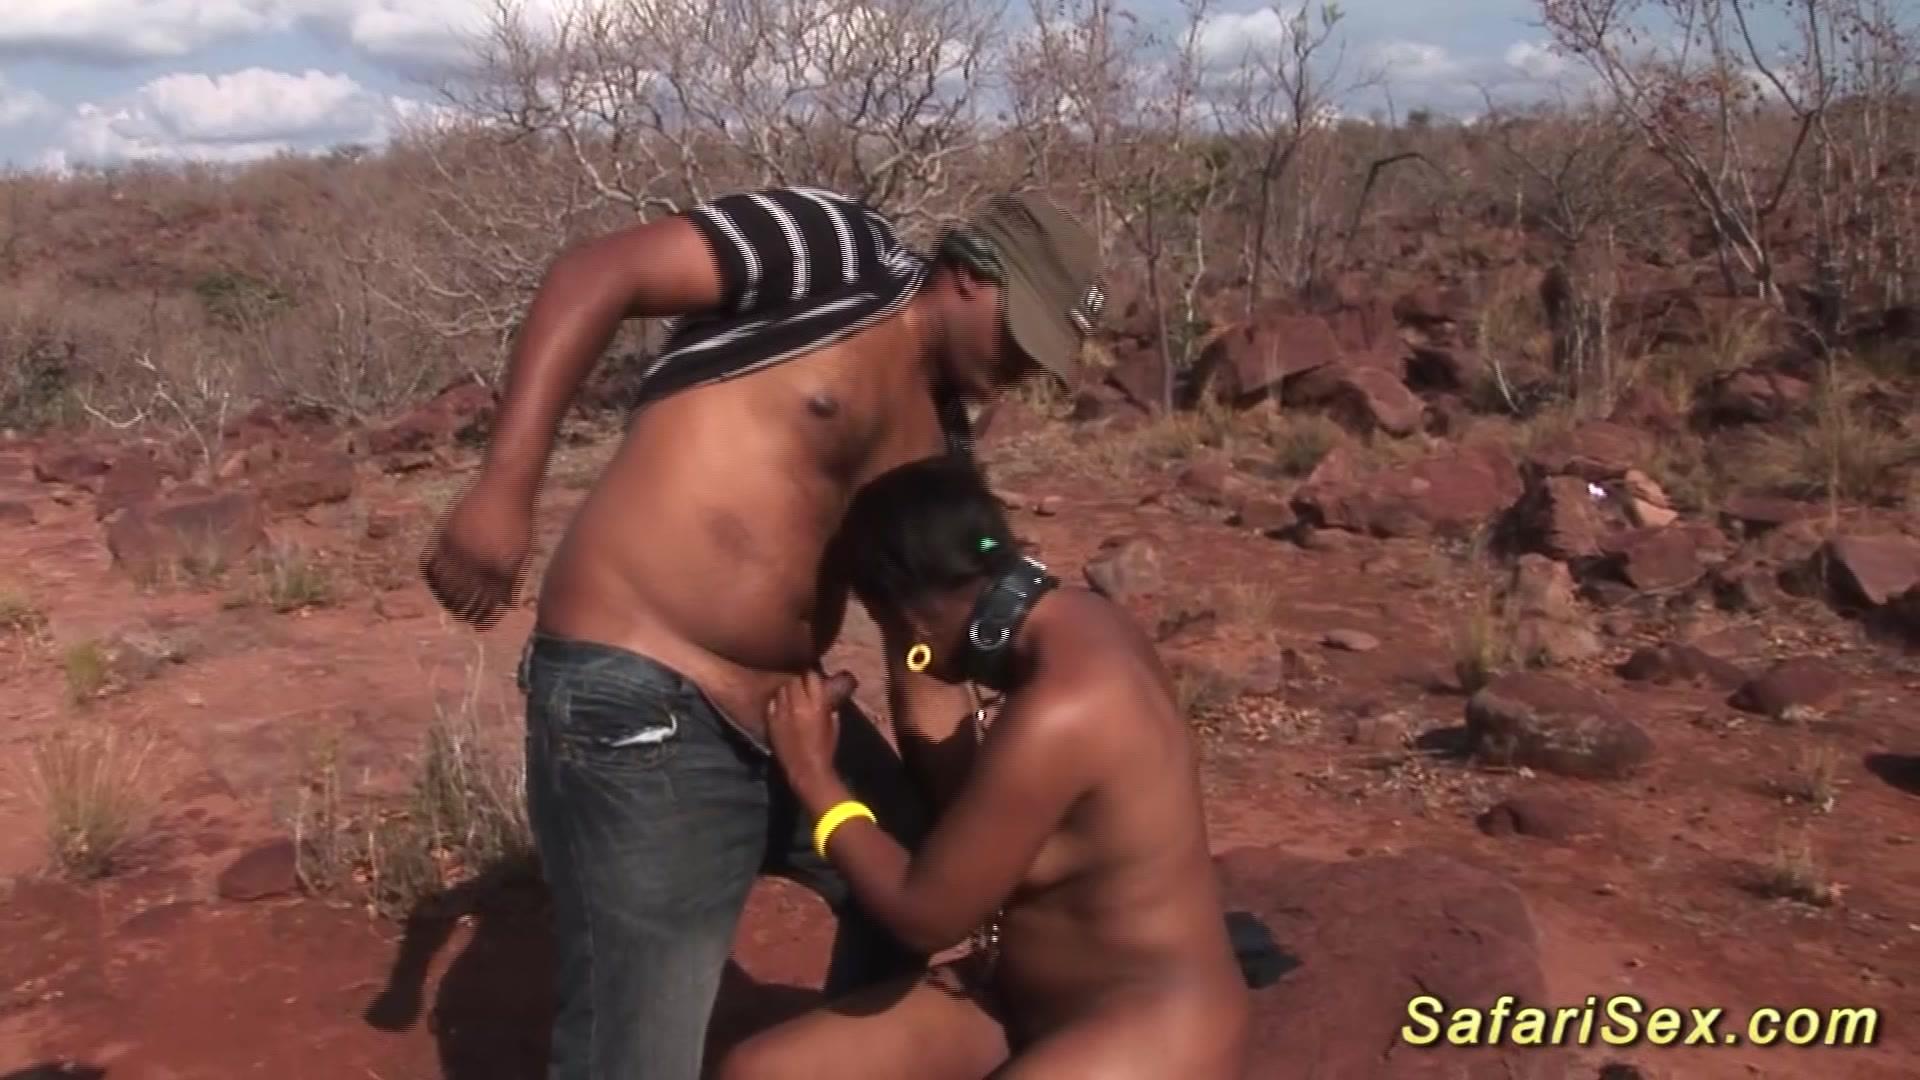 kak-zanimayutsya-seksom-v-afrike